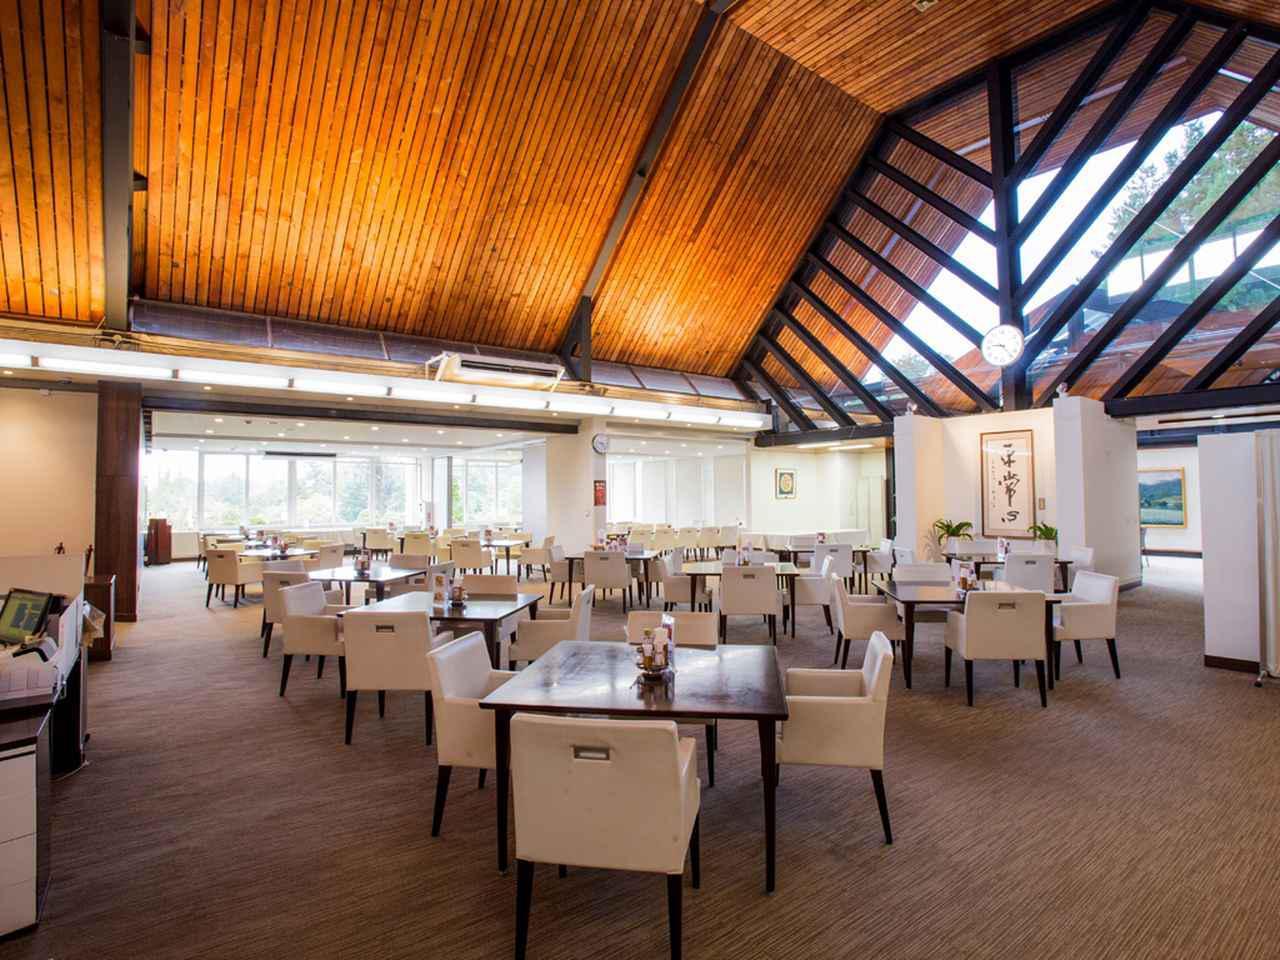 画像: レストランはロビーからスロープを下がってわずかに低い位置にある。左奥はコンペパーティでも使用する。20卓